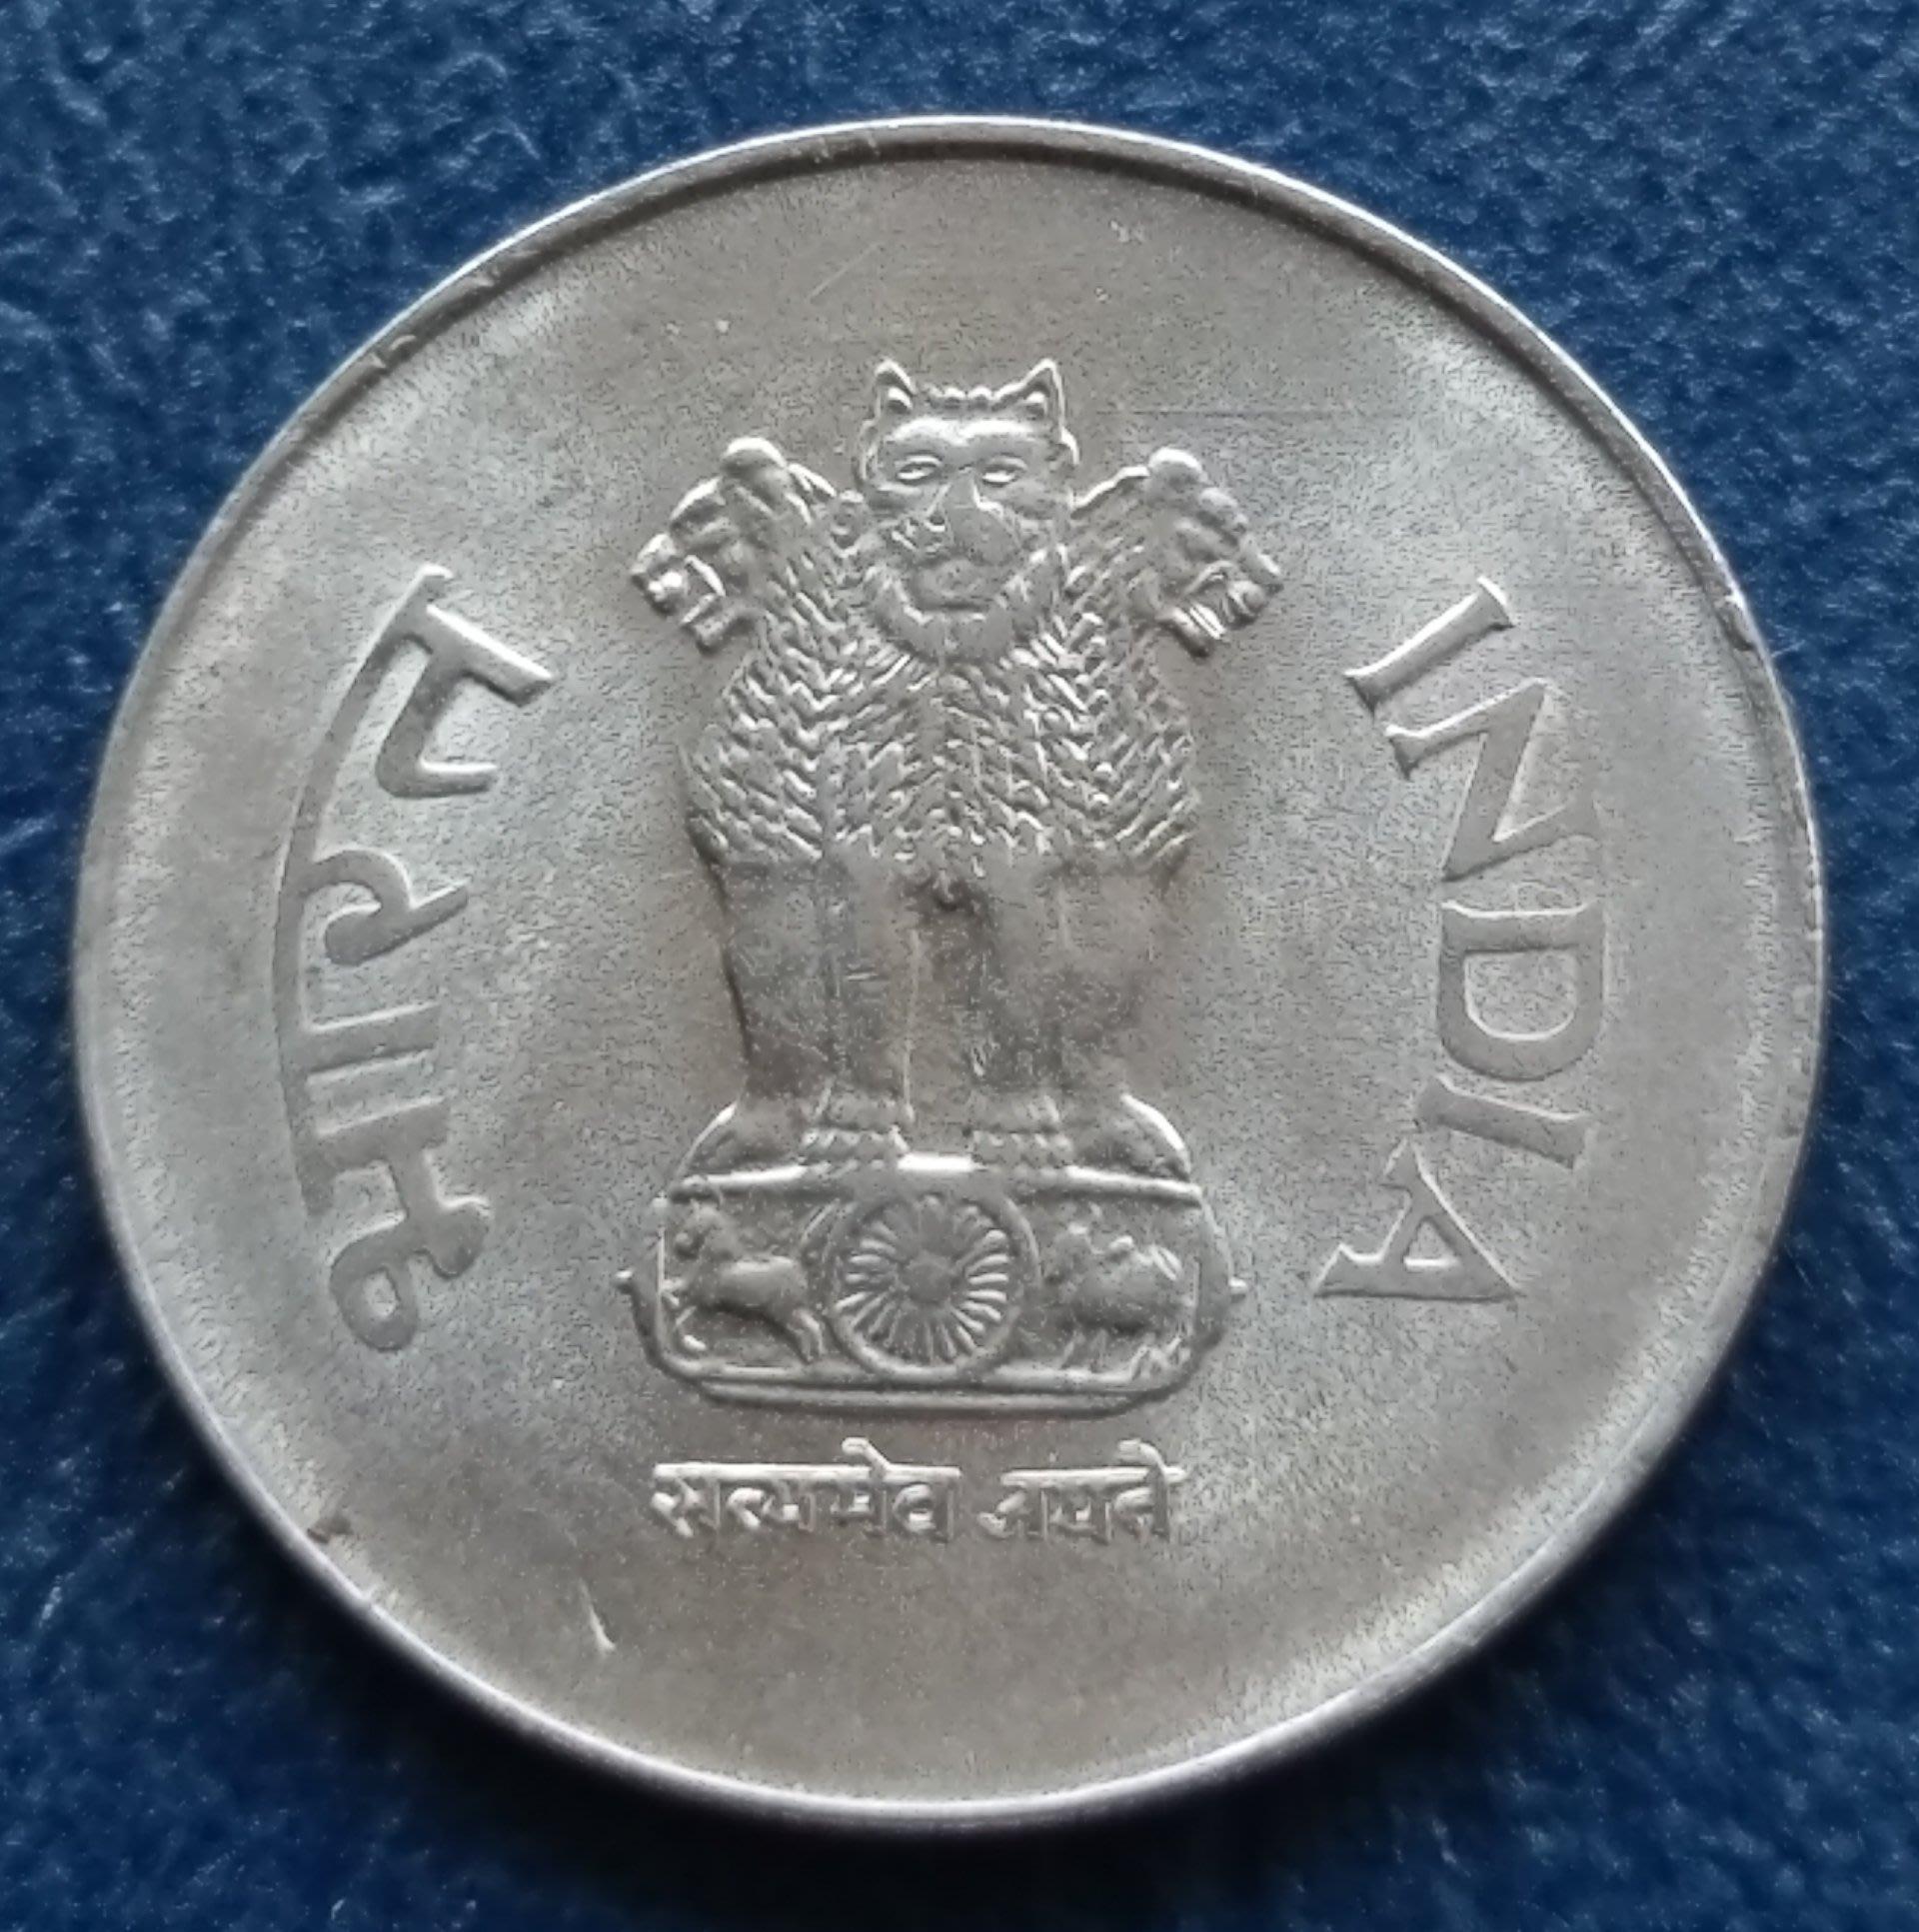 印度   2002年   印度國徽阿育王獅  1盧比   鎳幣    280-1011